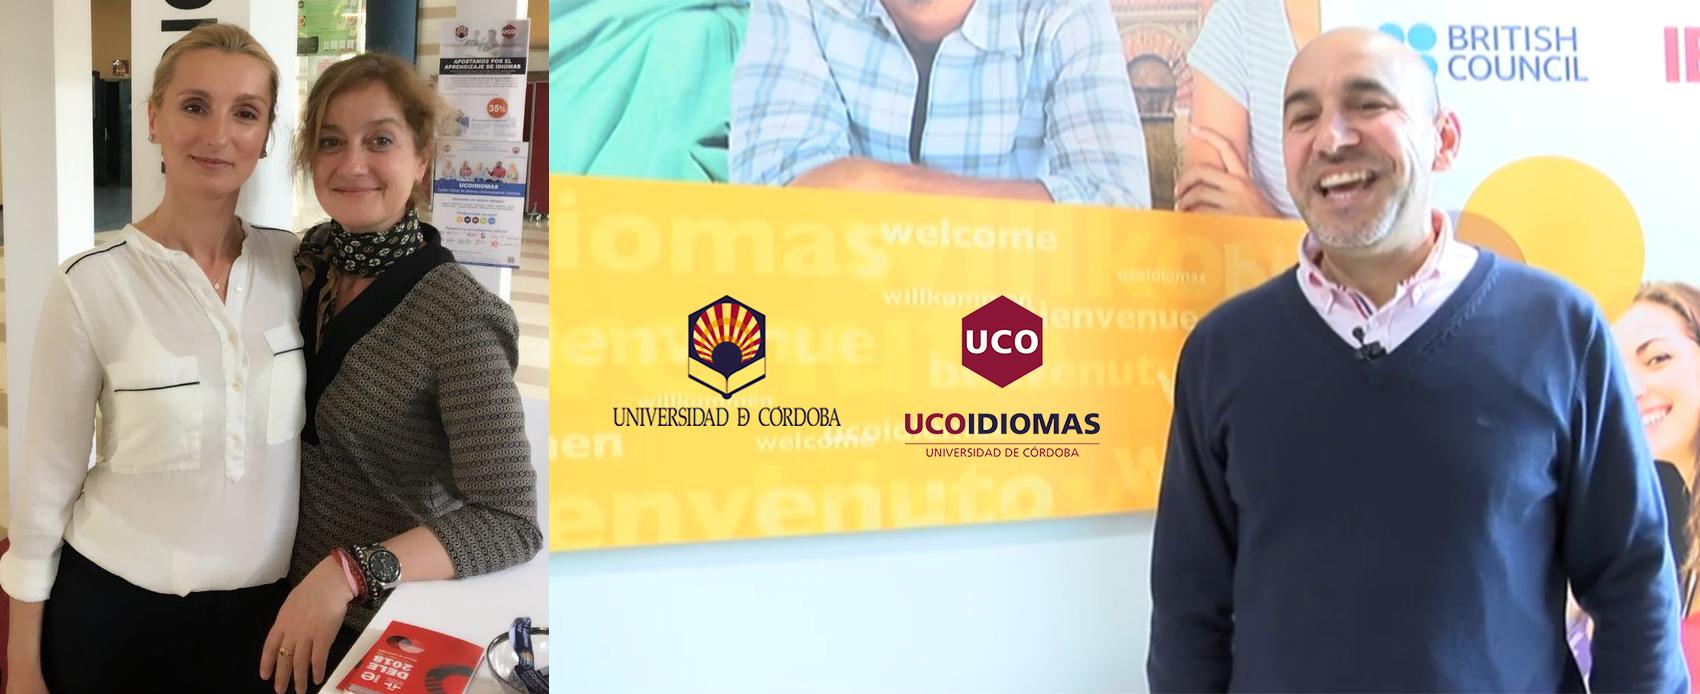 Oferta de nuevos cursos de portugués y de ruso durante el segundo cuatrimestre